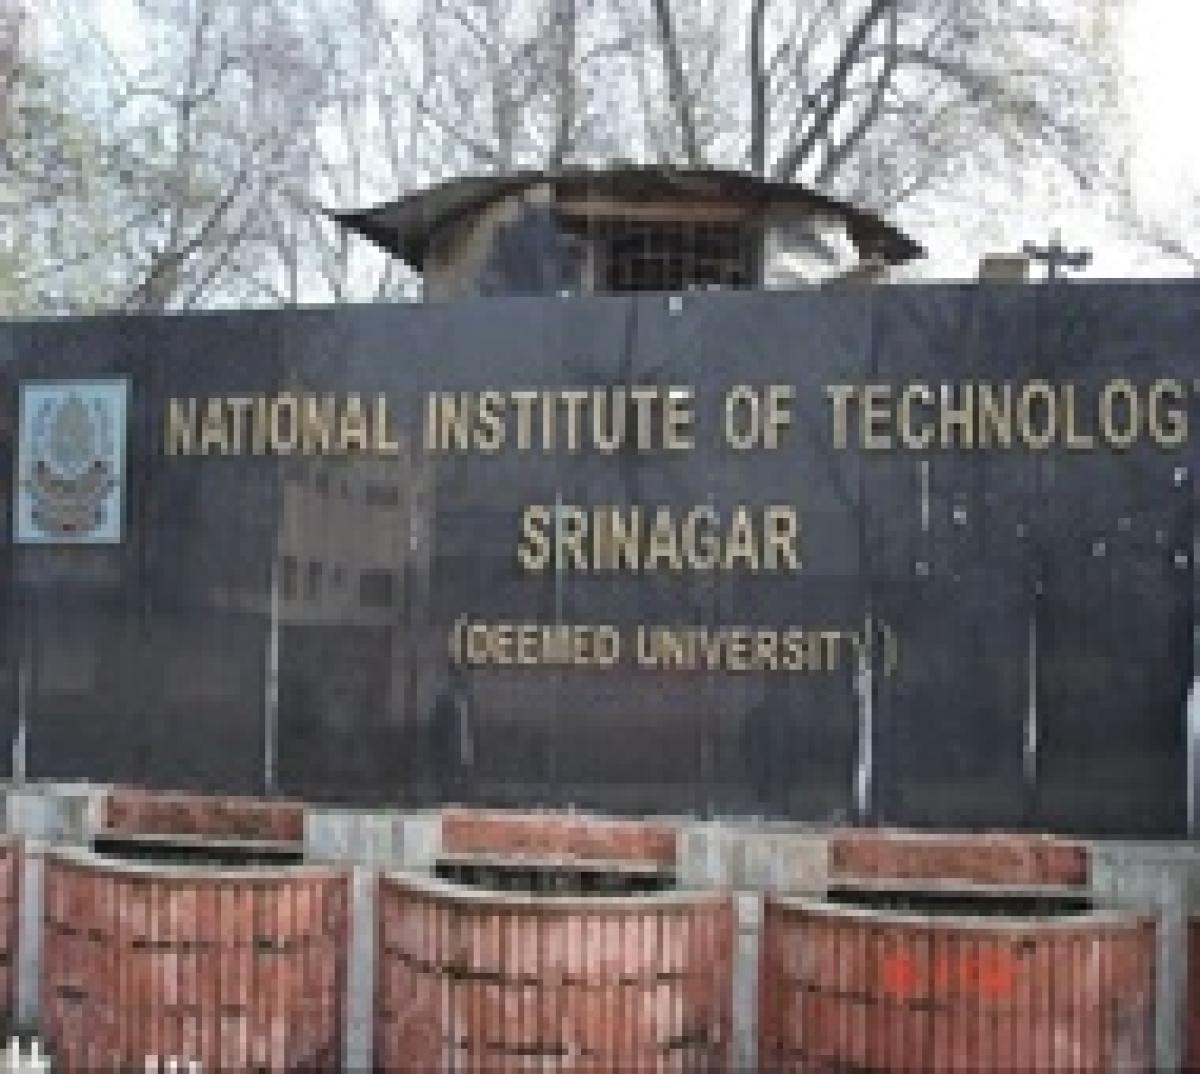 1418 NIT Srinagar students have returned to institute: Govt